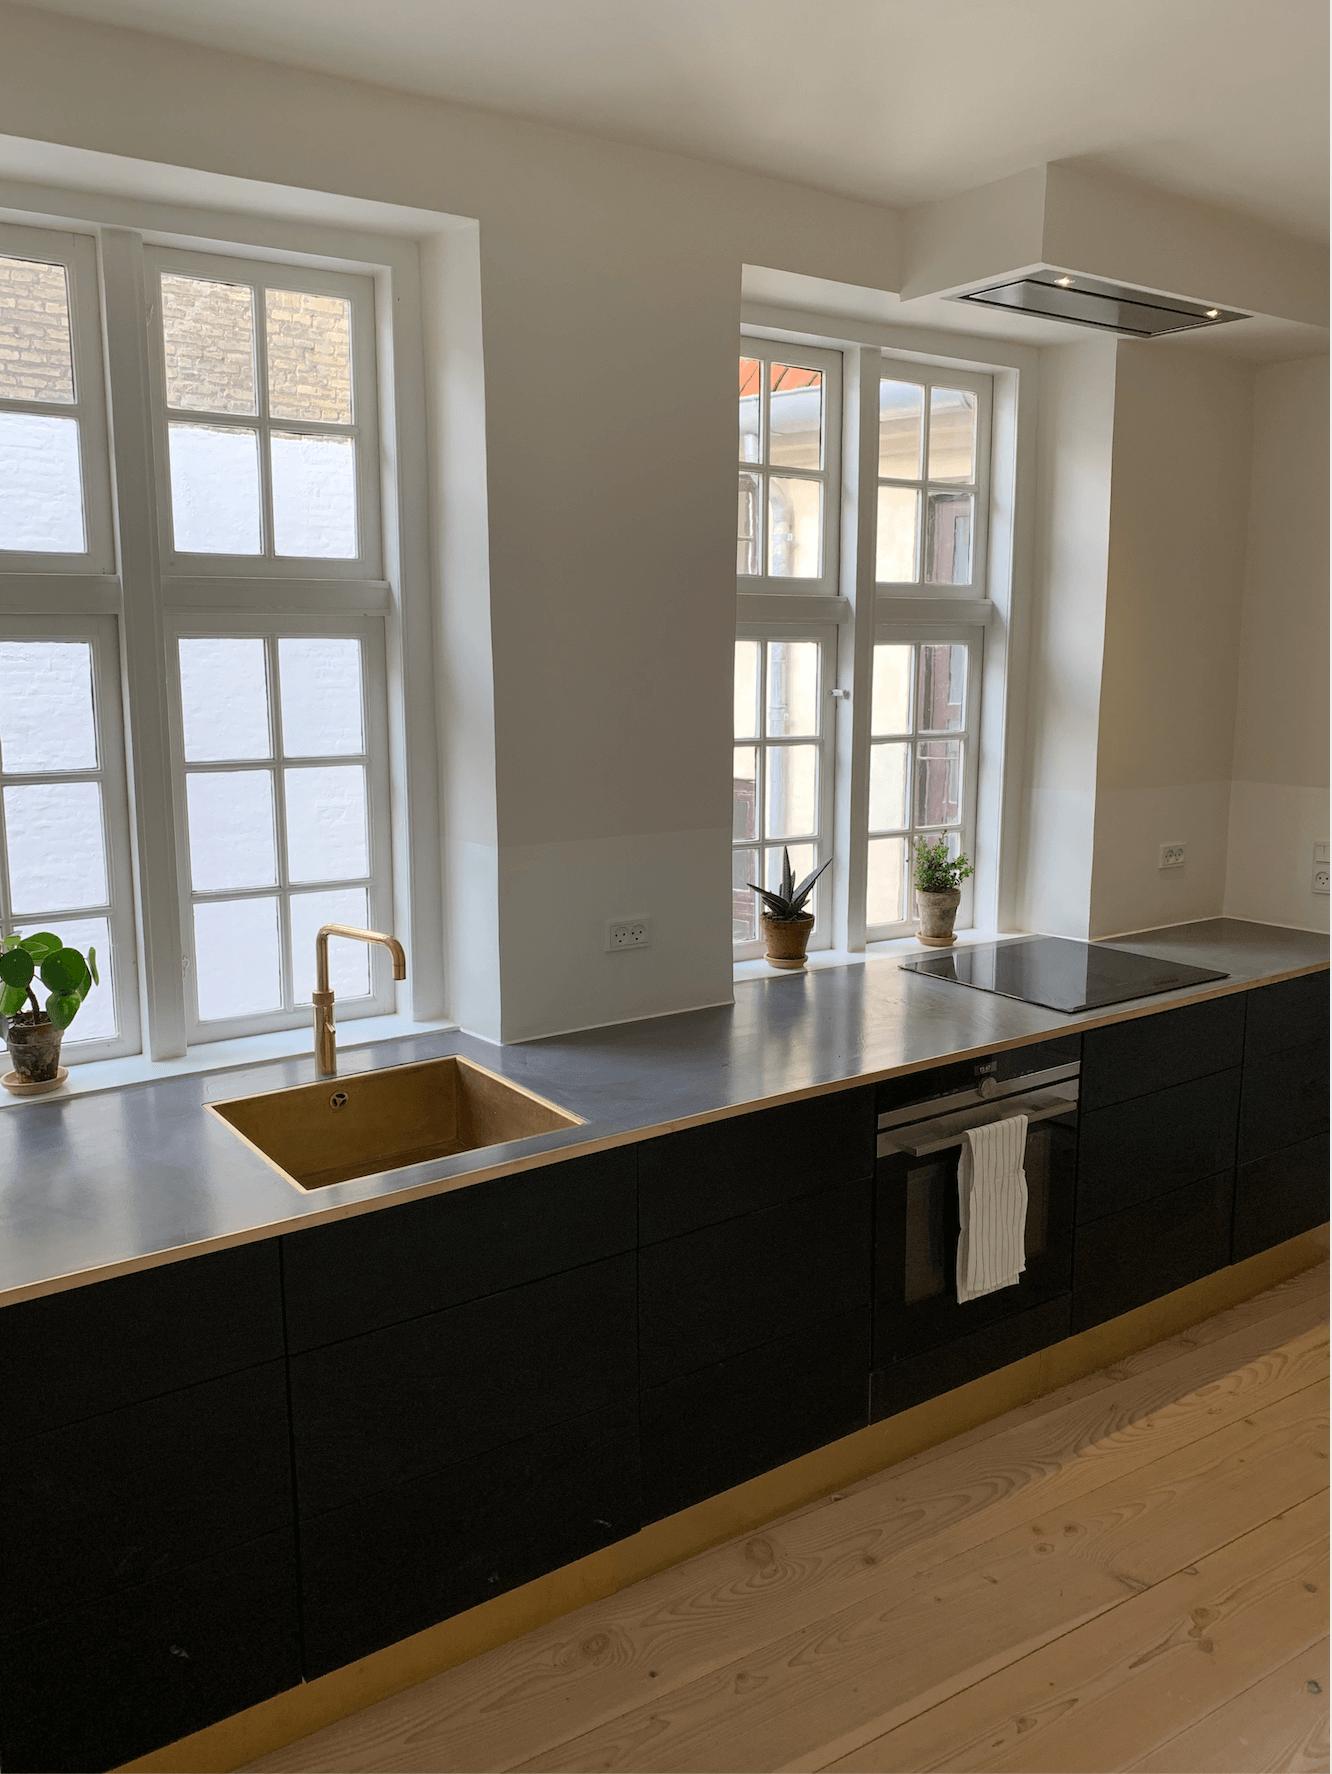 renovering af fredet ejendom Fiolstræde køkken efter 1